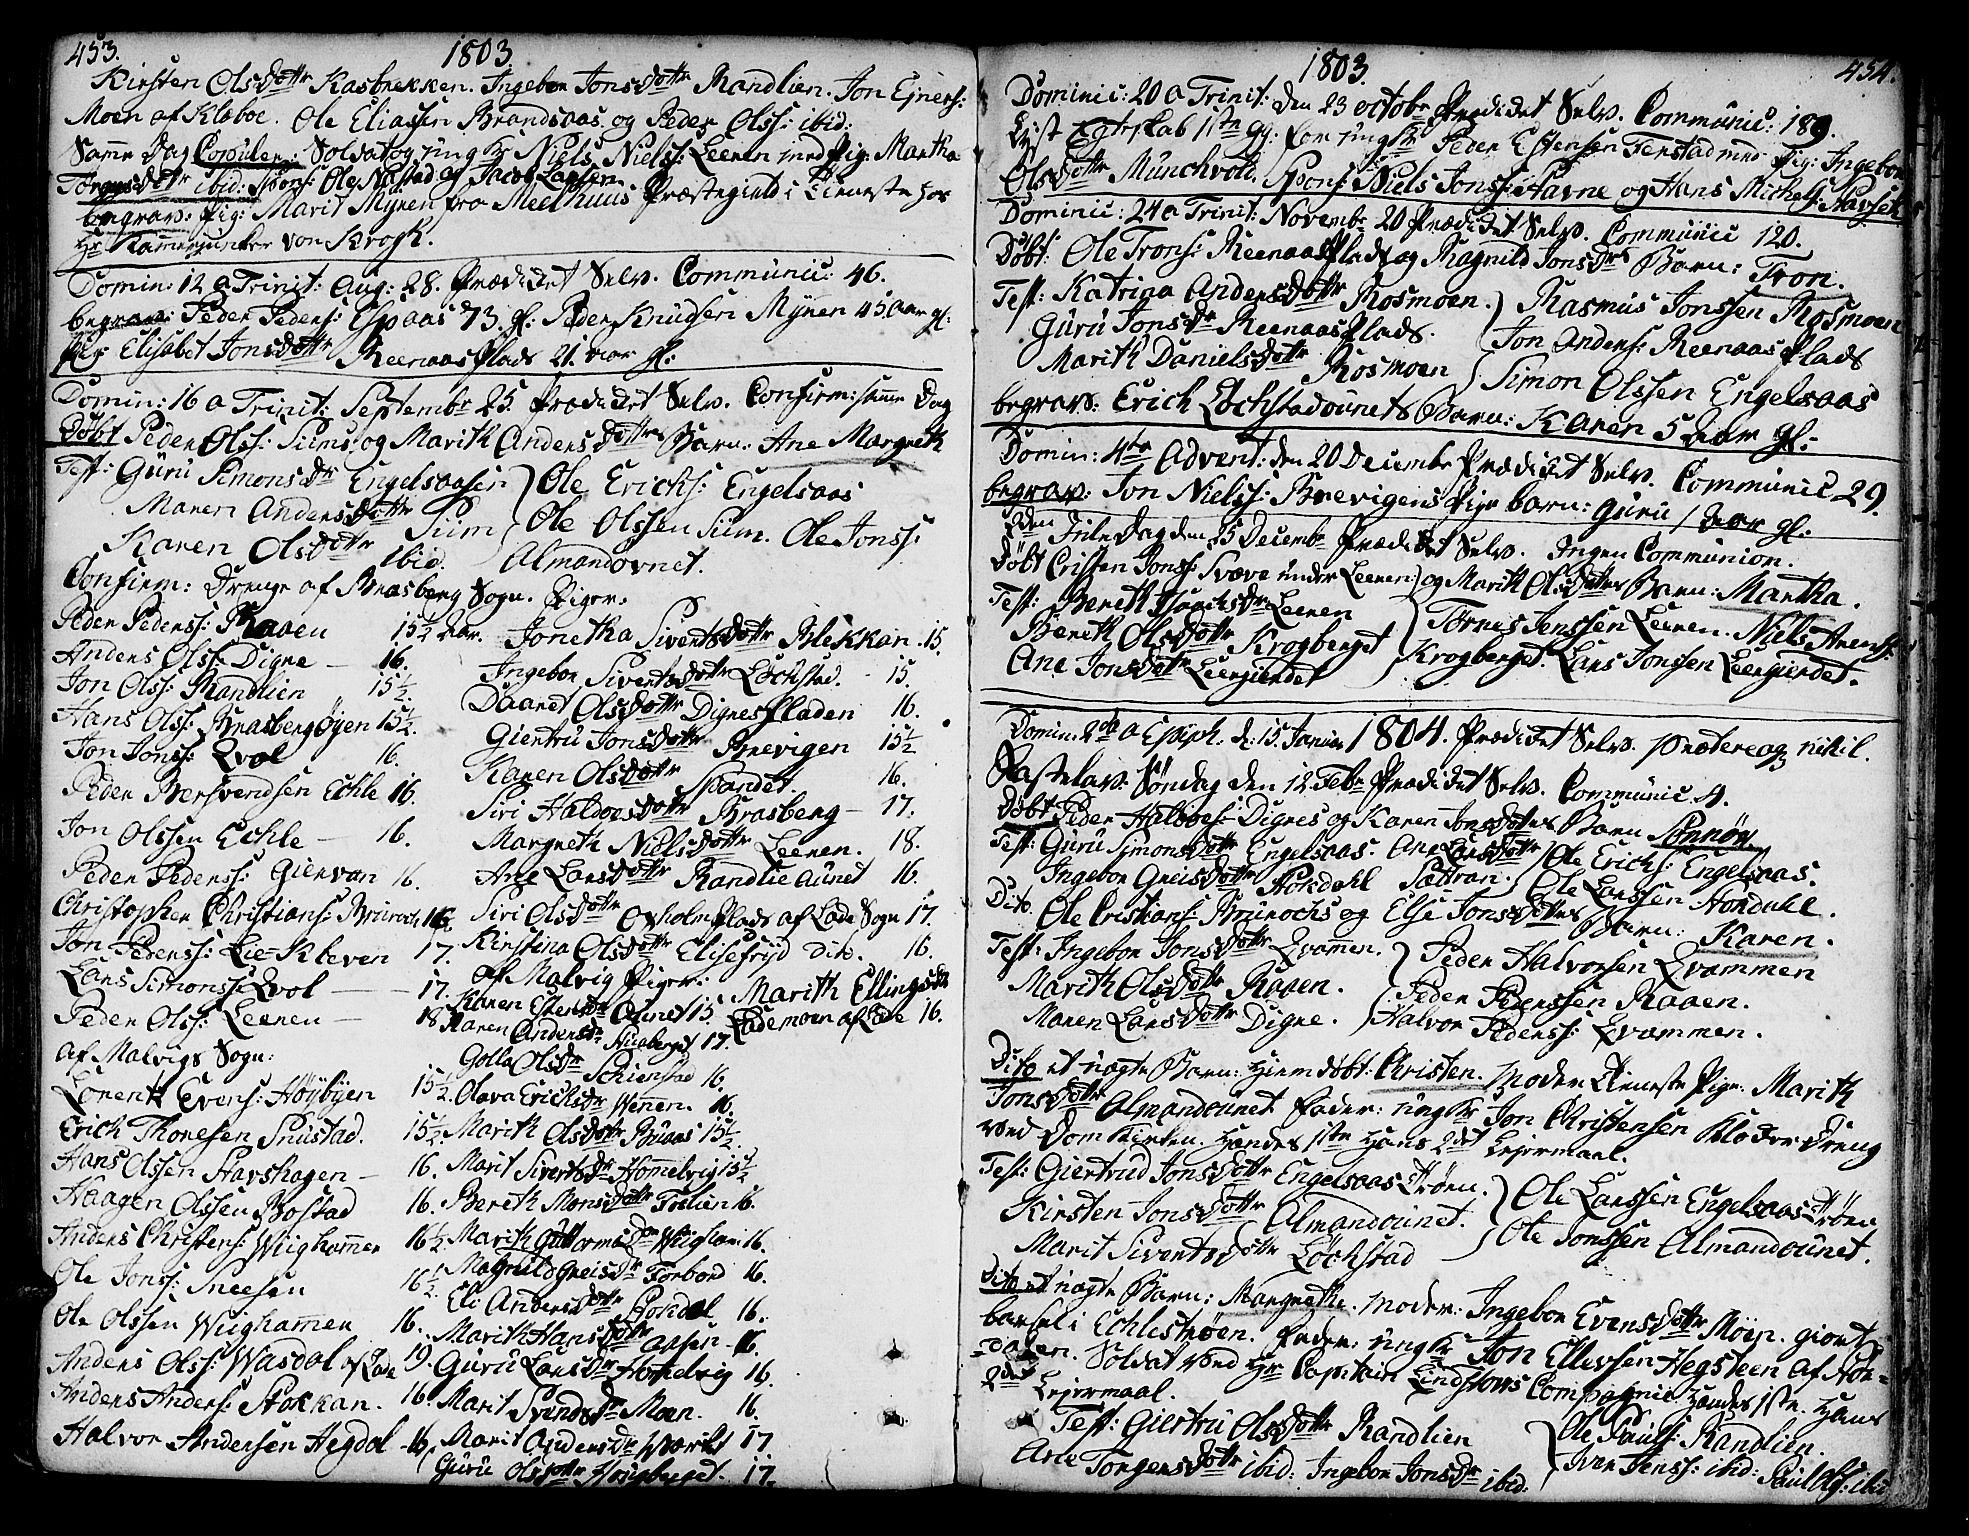 SAT, Ministerialprotokoller, klokkerbøker og fødselsregistre - Sør-Trøndelag, 606/L0282: Ministerialbok nr. 606A02 /3, 1781-1817, s. 453-454